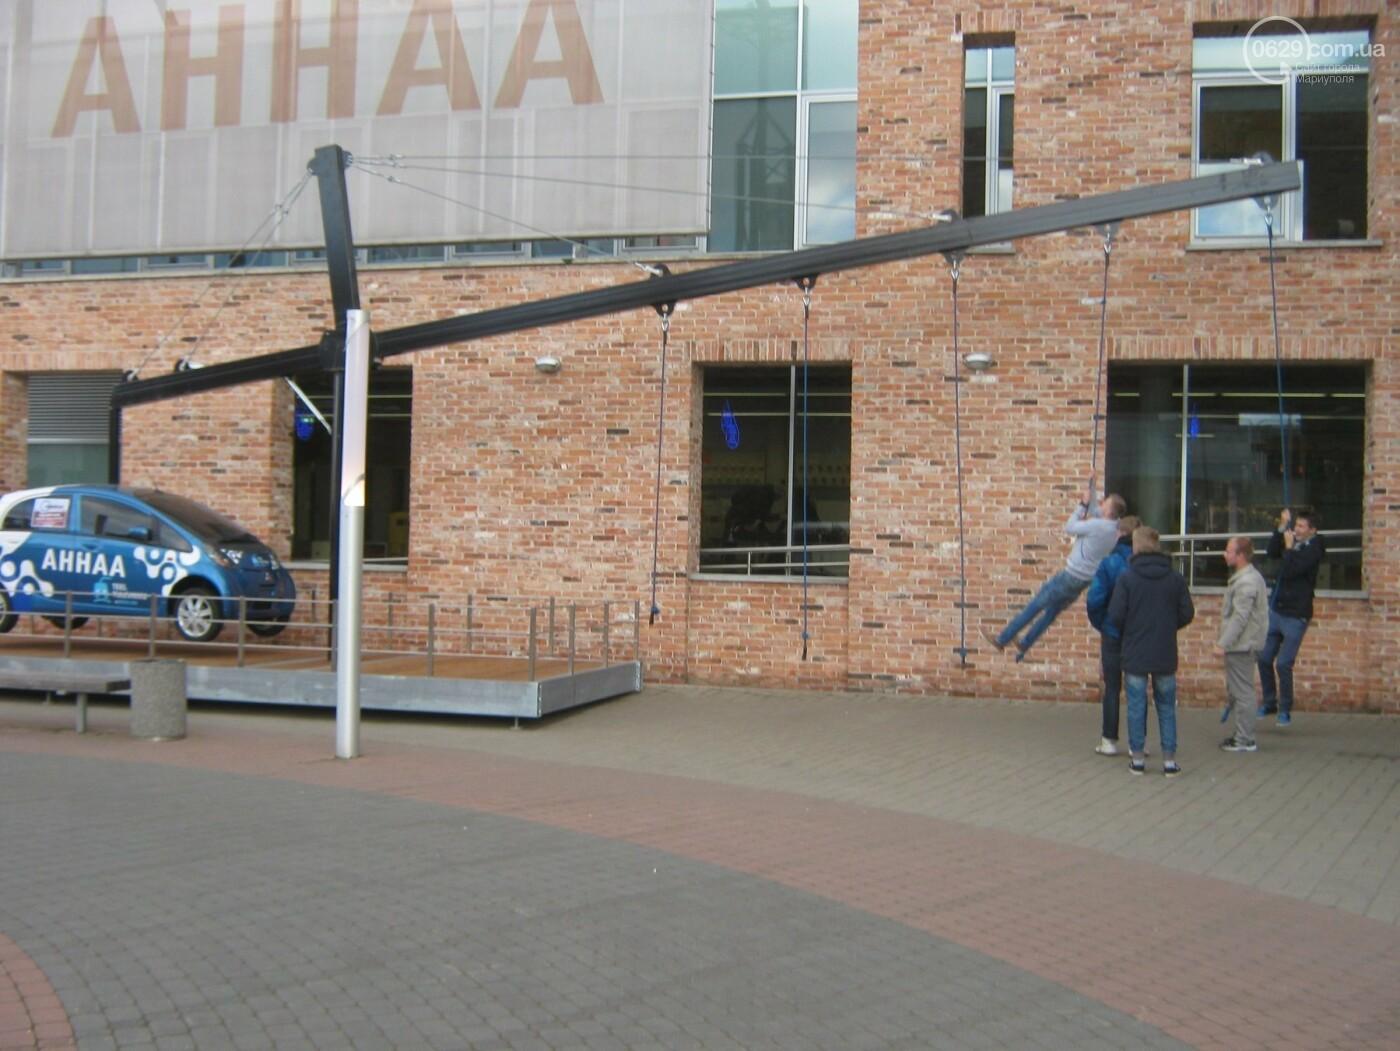 Иностранцы скрываются в Мариуполе от алиментов. Тревел стори с Сергеем Коссе. Тарту, - ФОТО, фото-7